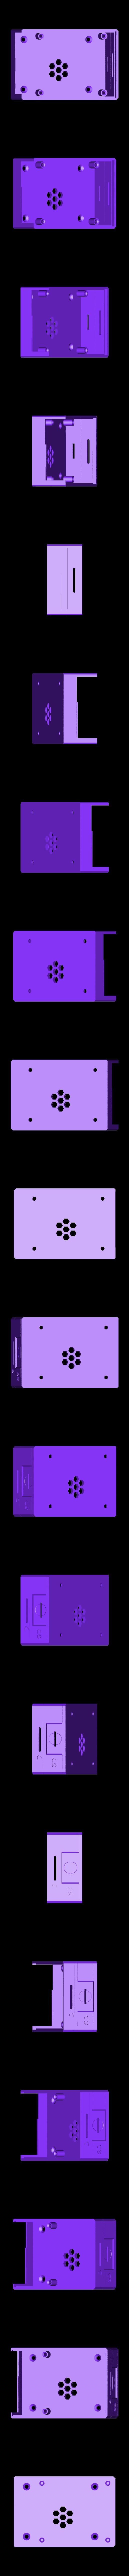 rpi_case_base3.stl Download free STL file Raspberry Pi Case • 3D printable model, marigu